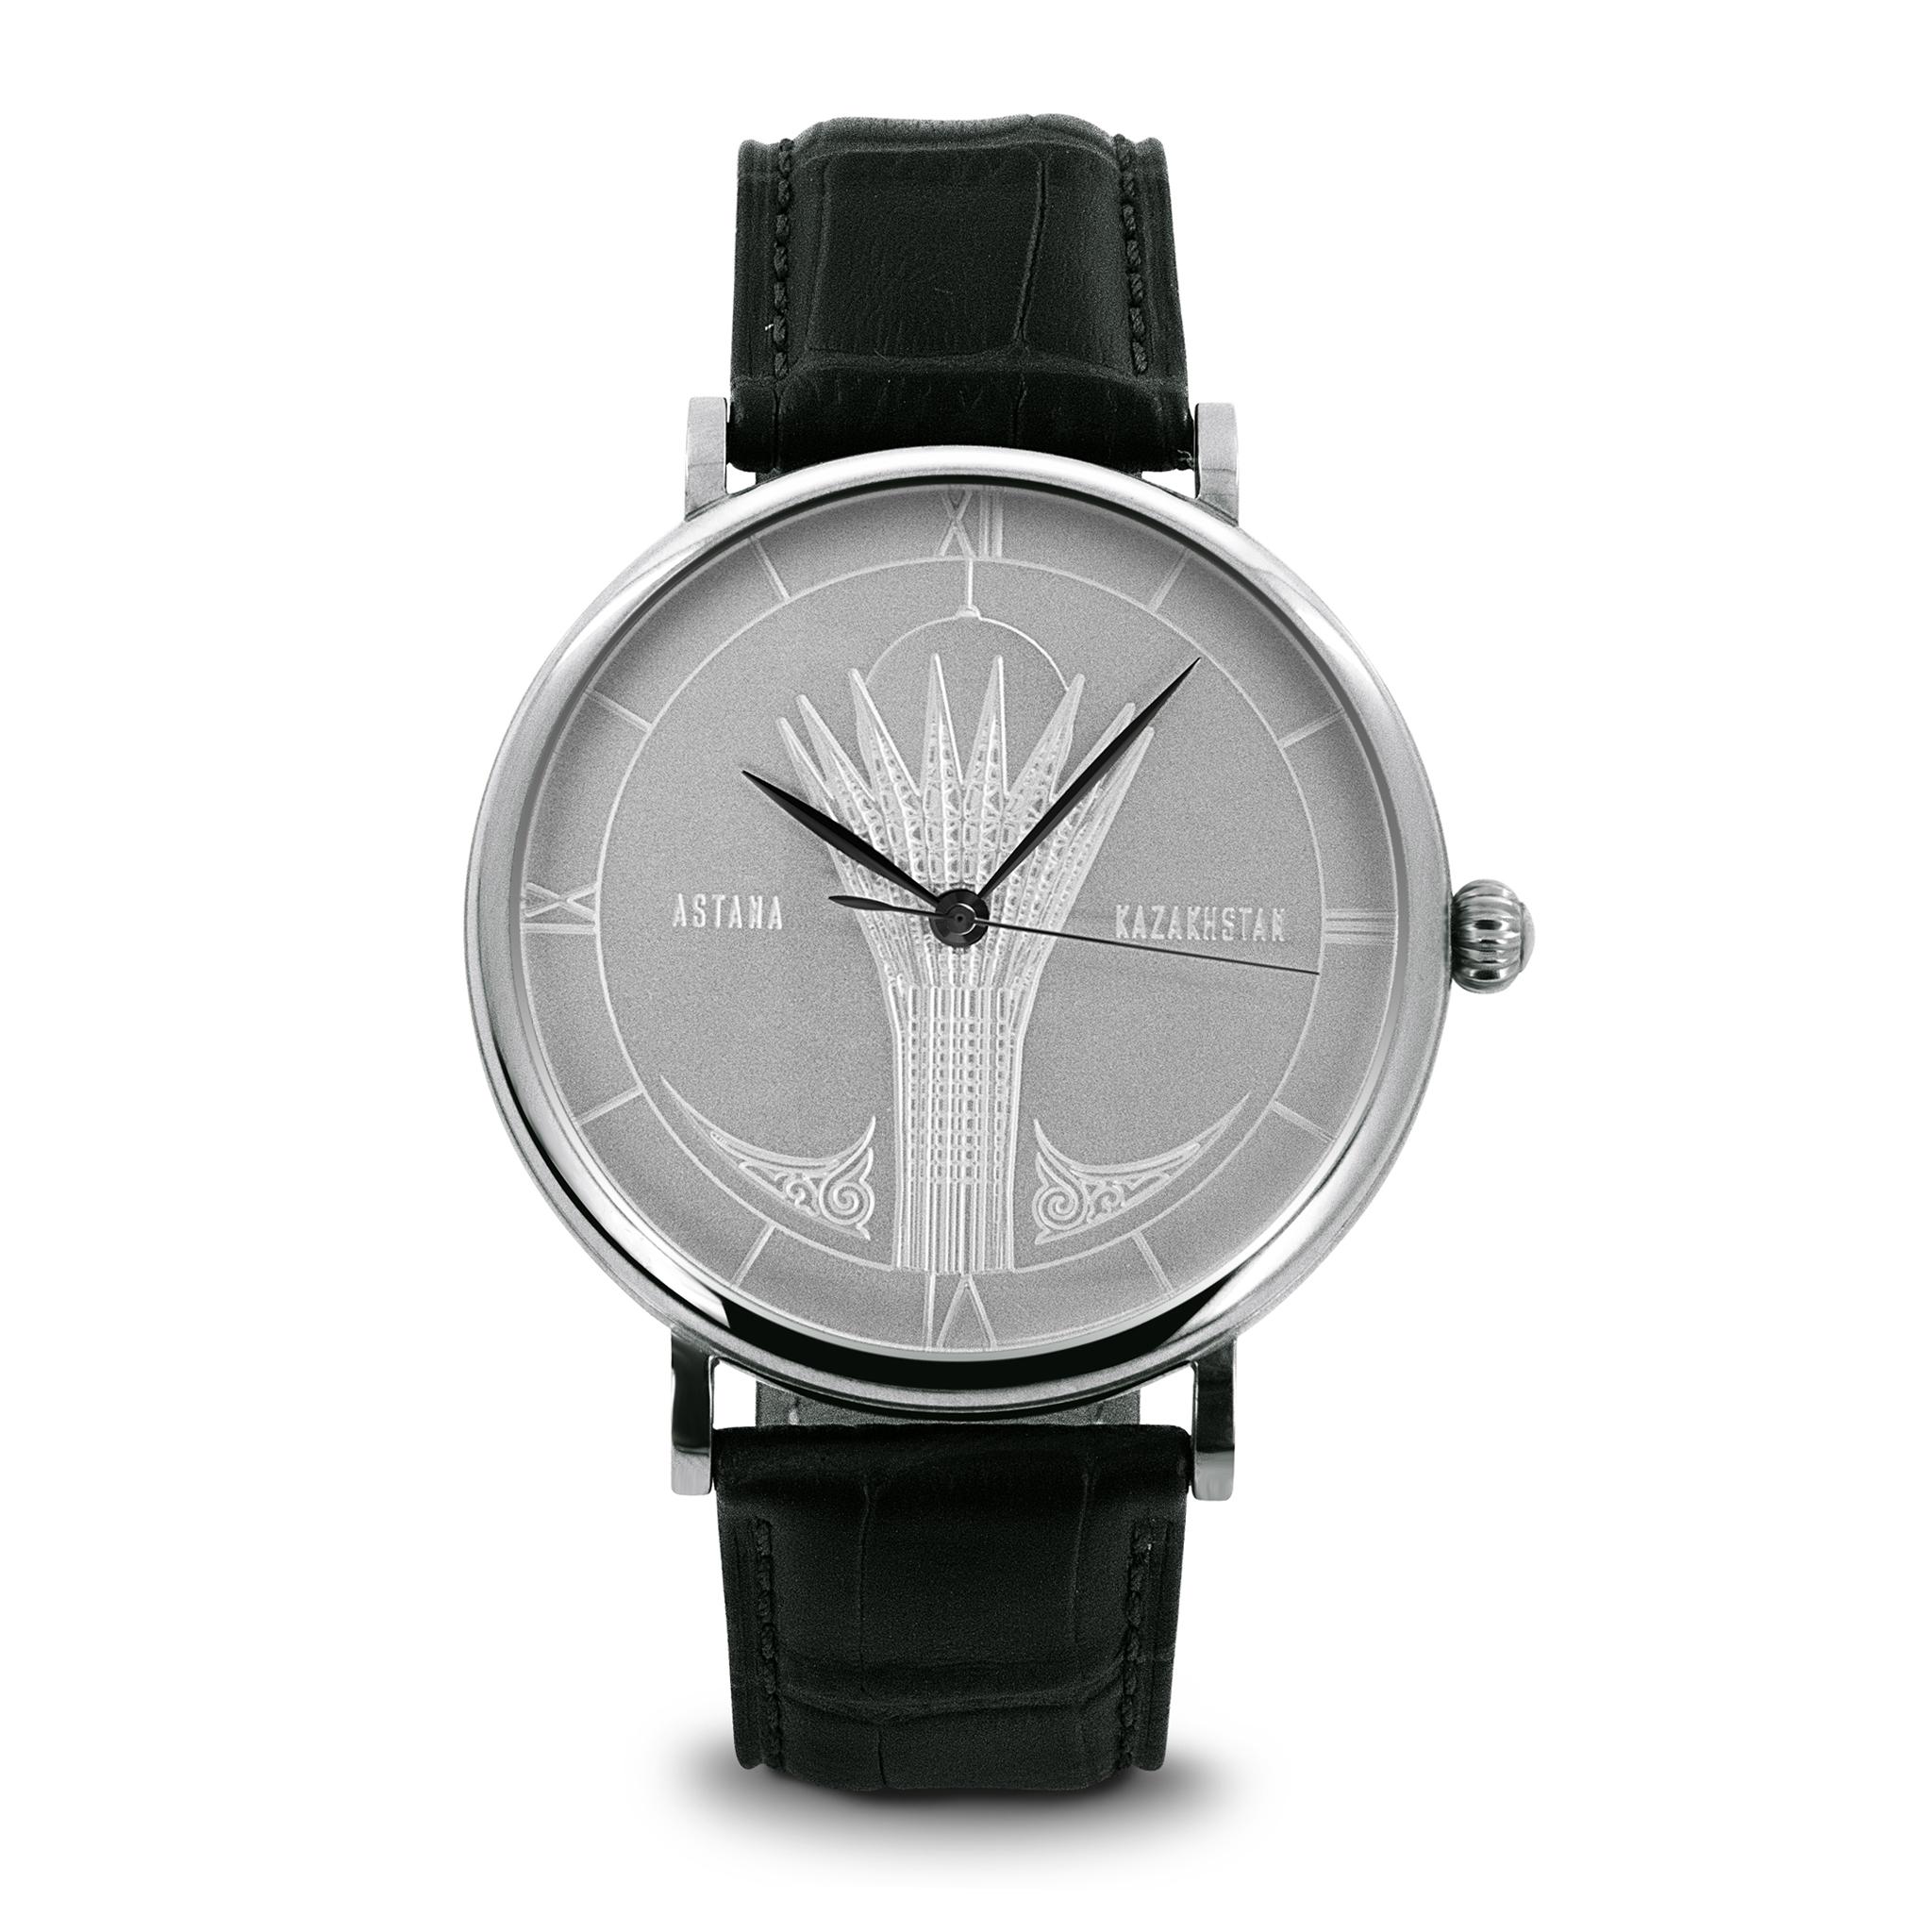 Наручные часы мужские астана часы с кукушкой детские купить